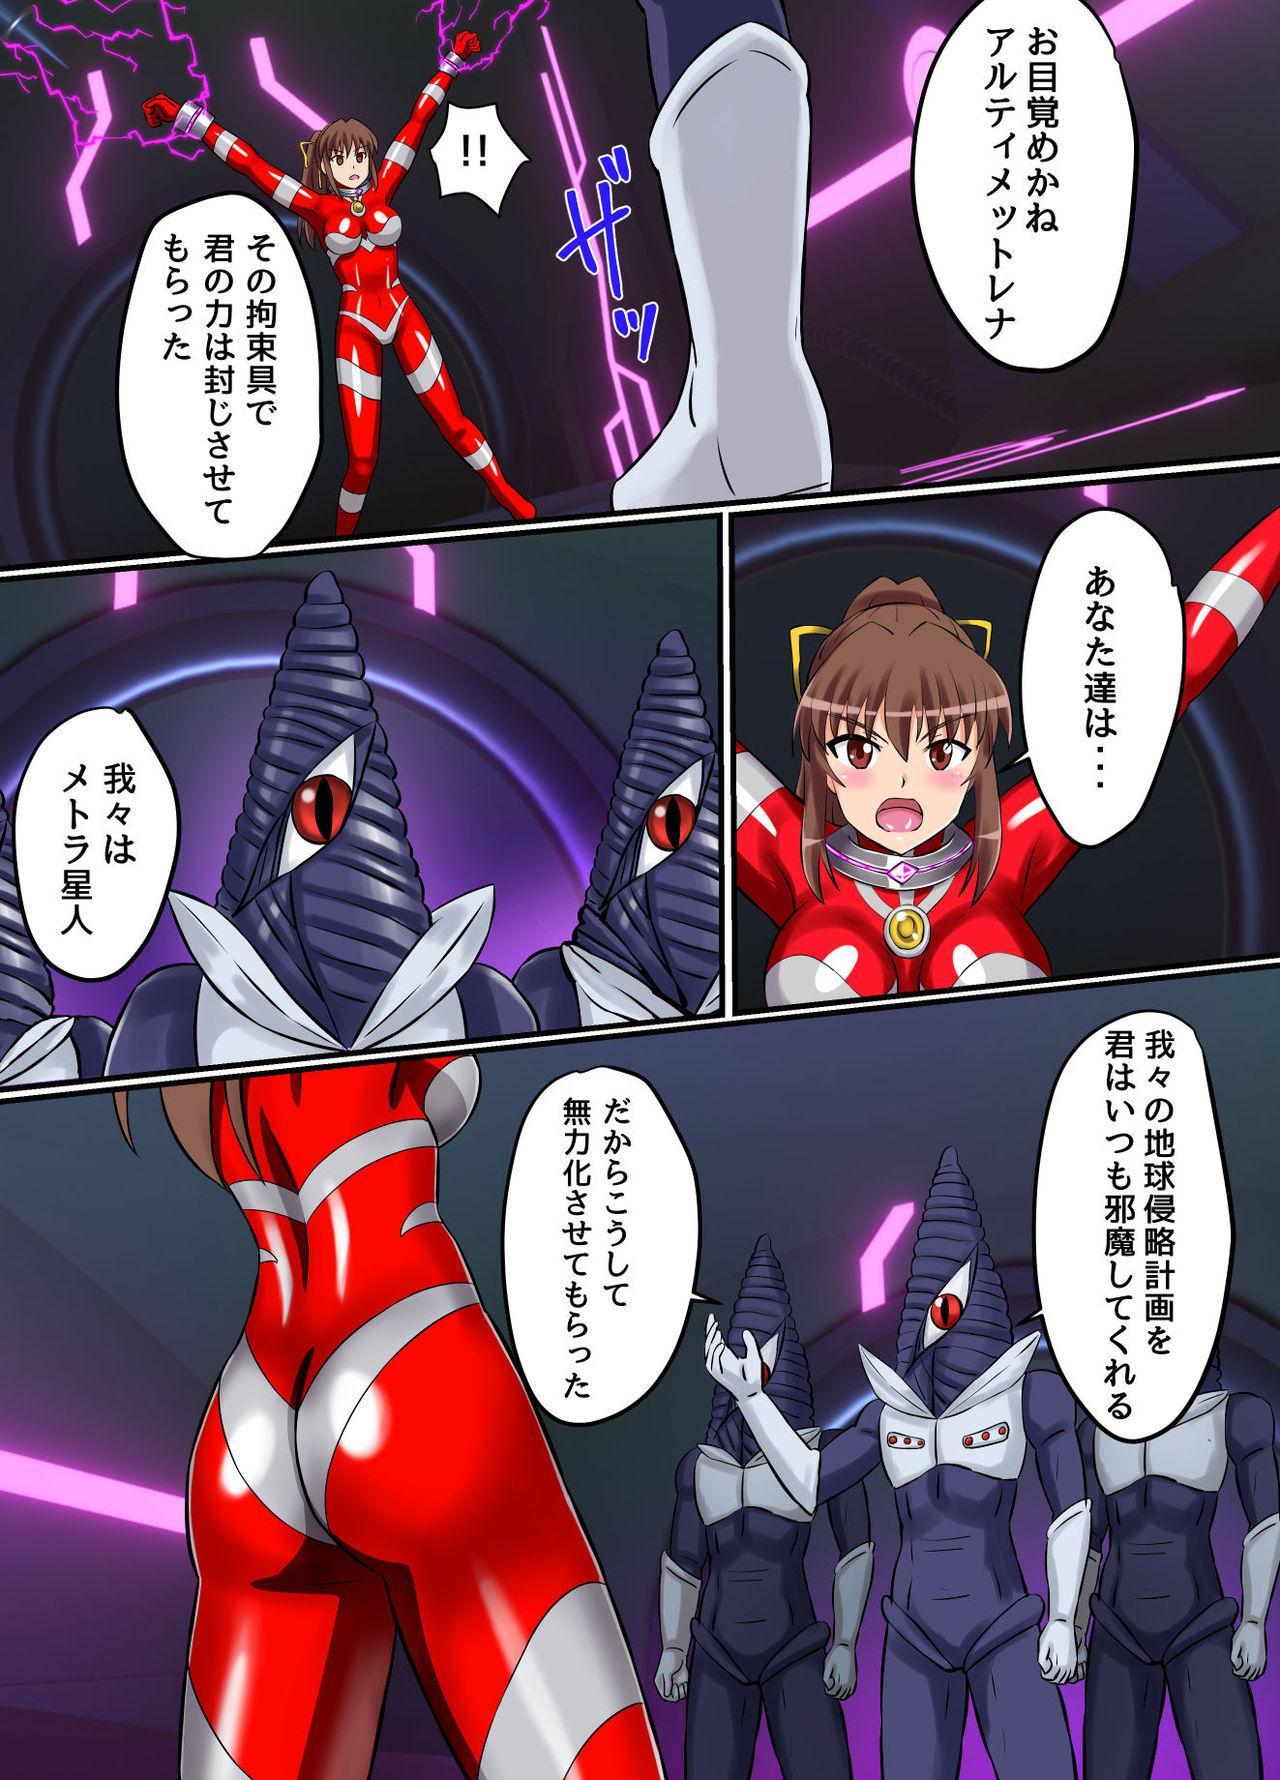 アルティメットレナ 第4話 宇宙人の罠!不完全変身! 16